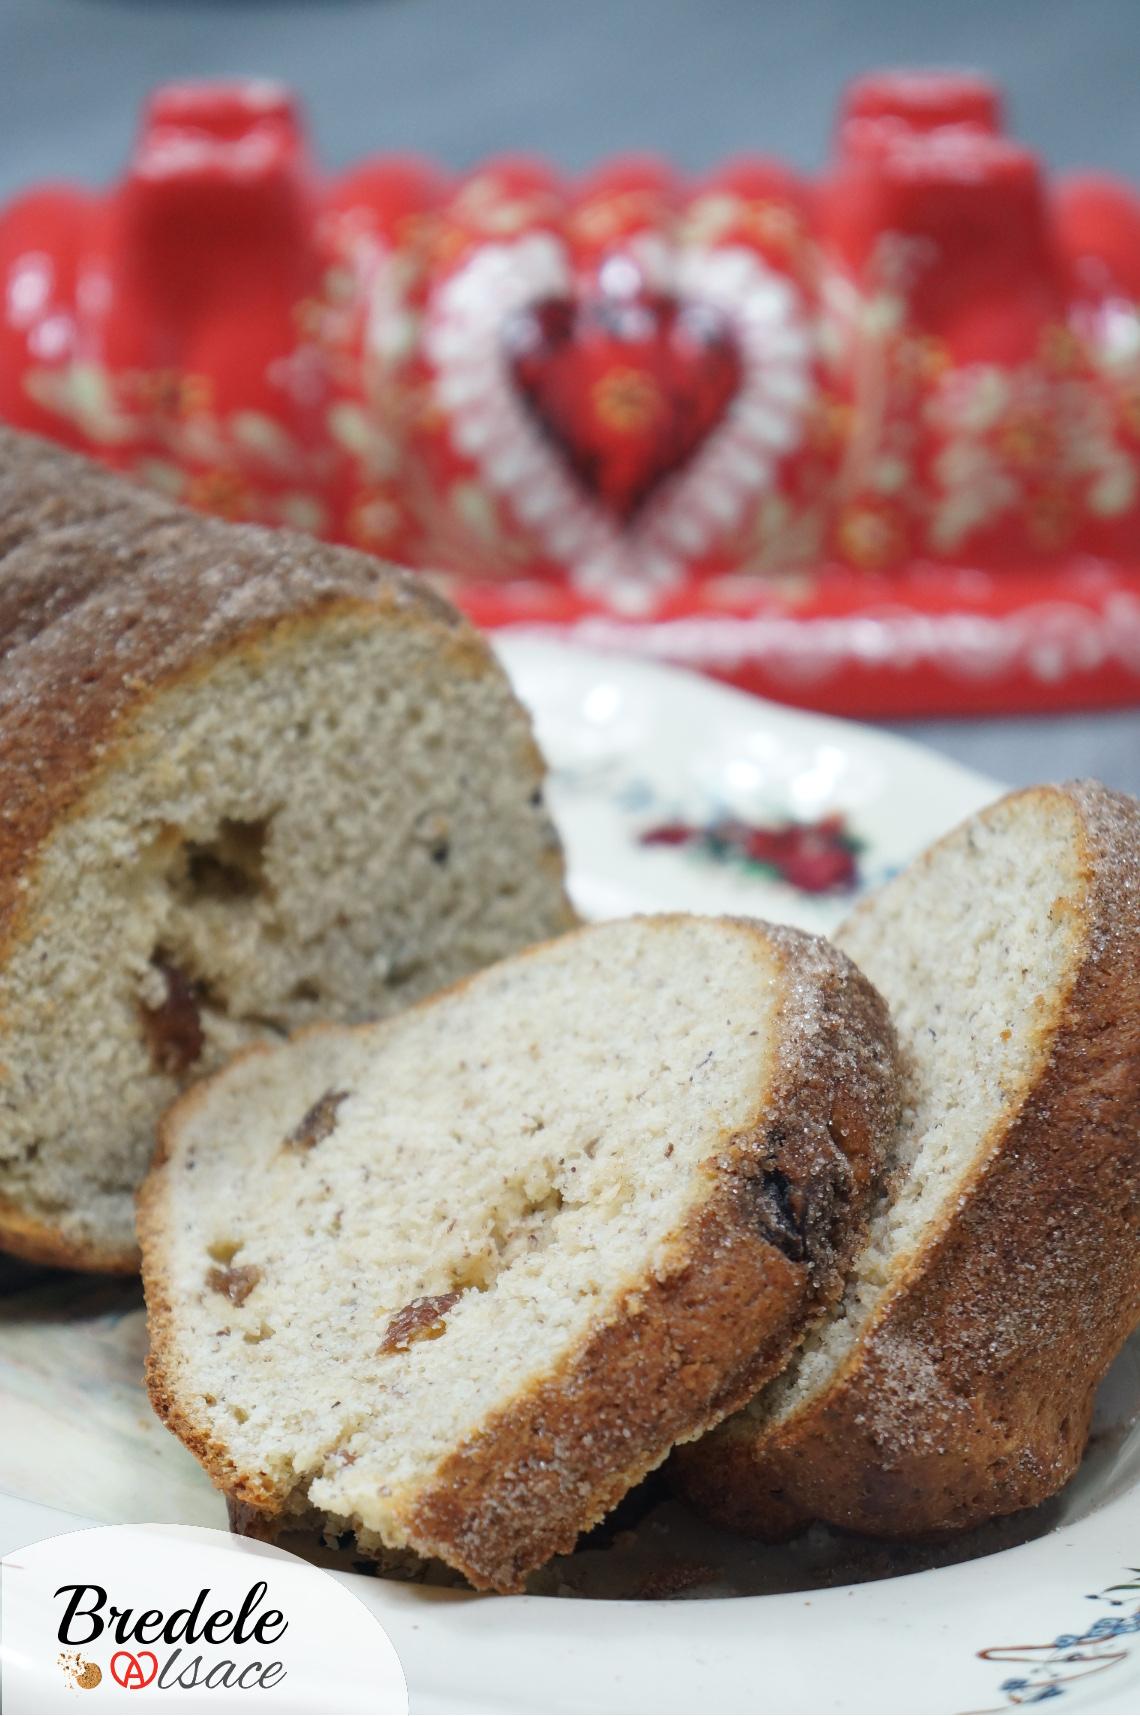 Langhopf brioche traditionnelle alsace bredele alsace - Alsace cuisine traditionnelle ...